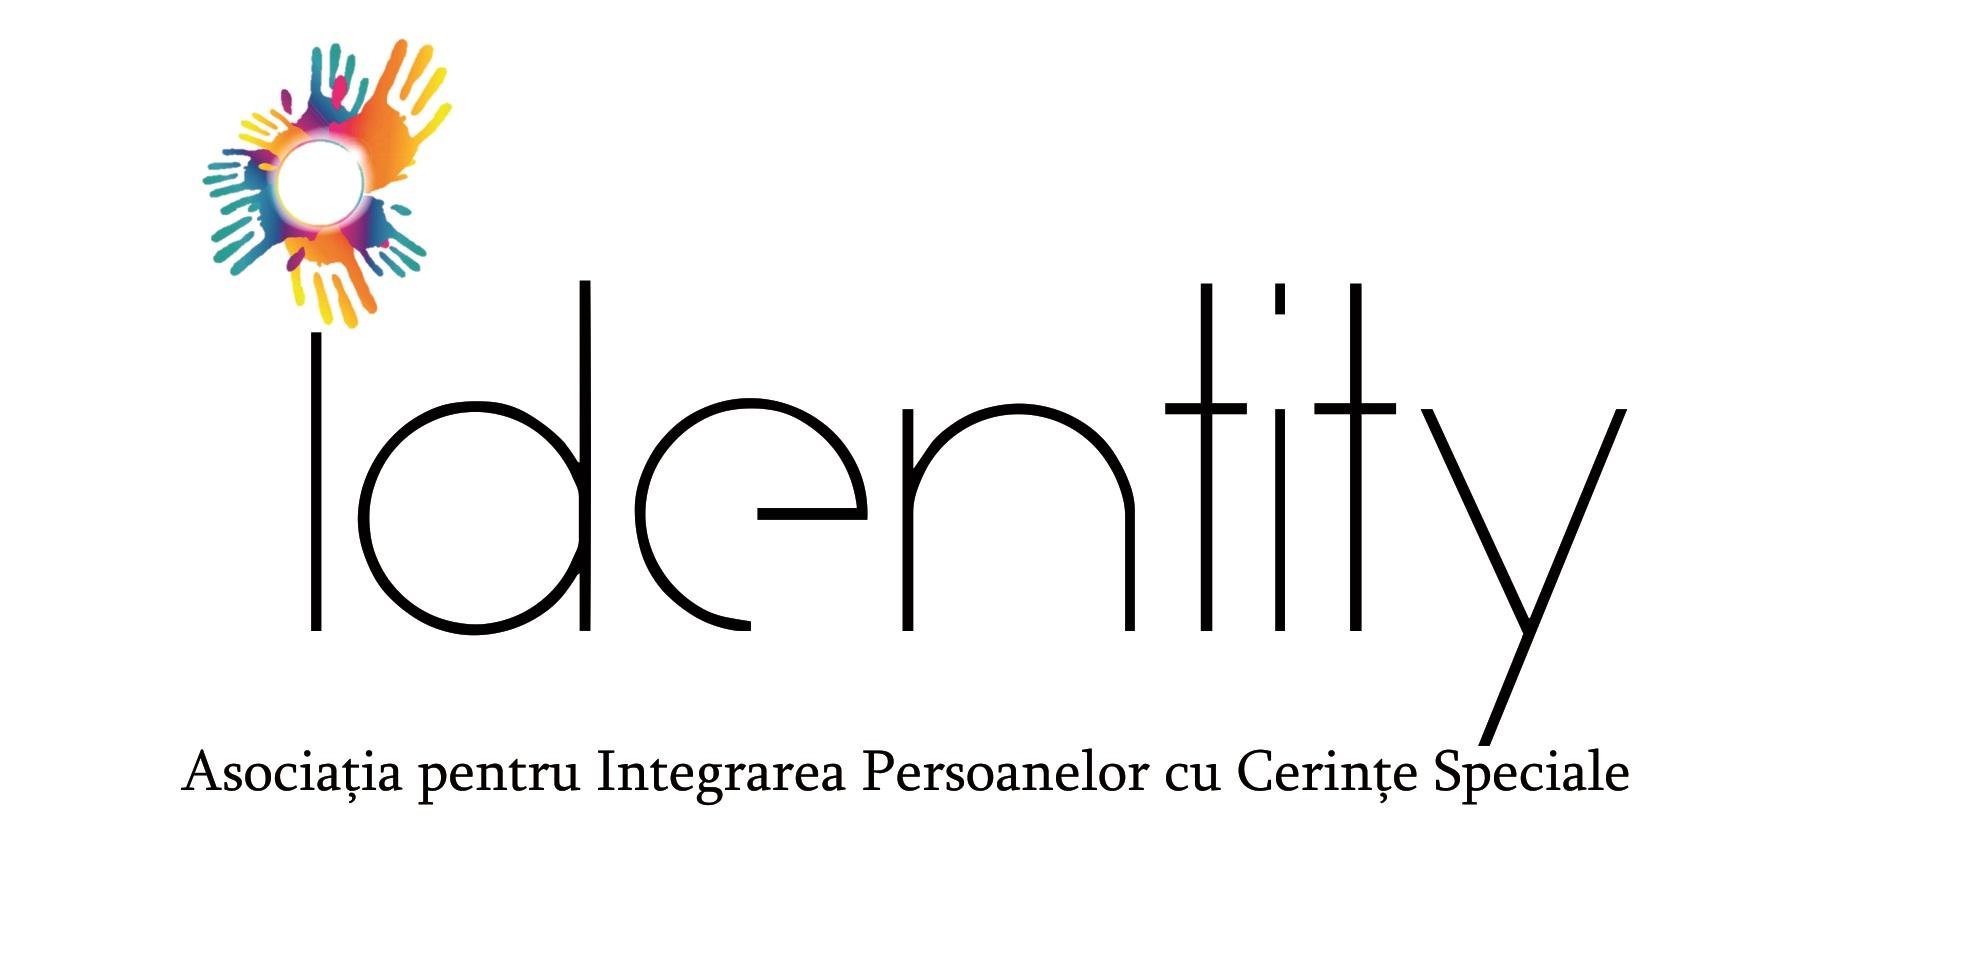 Asociatia Pentru Integrarea Persoanelor cu Cerinte Speciale Identity logo